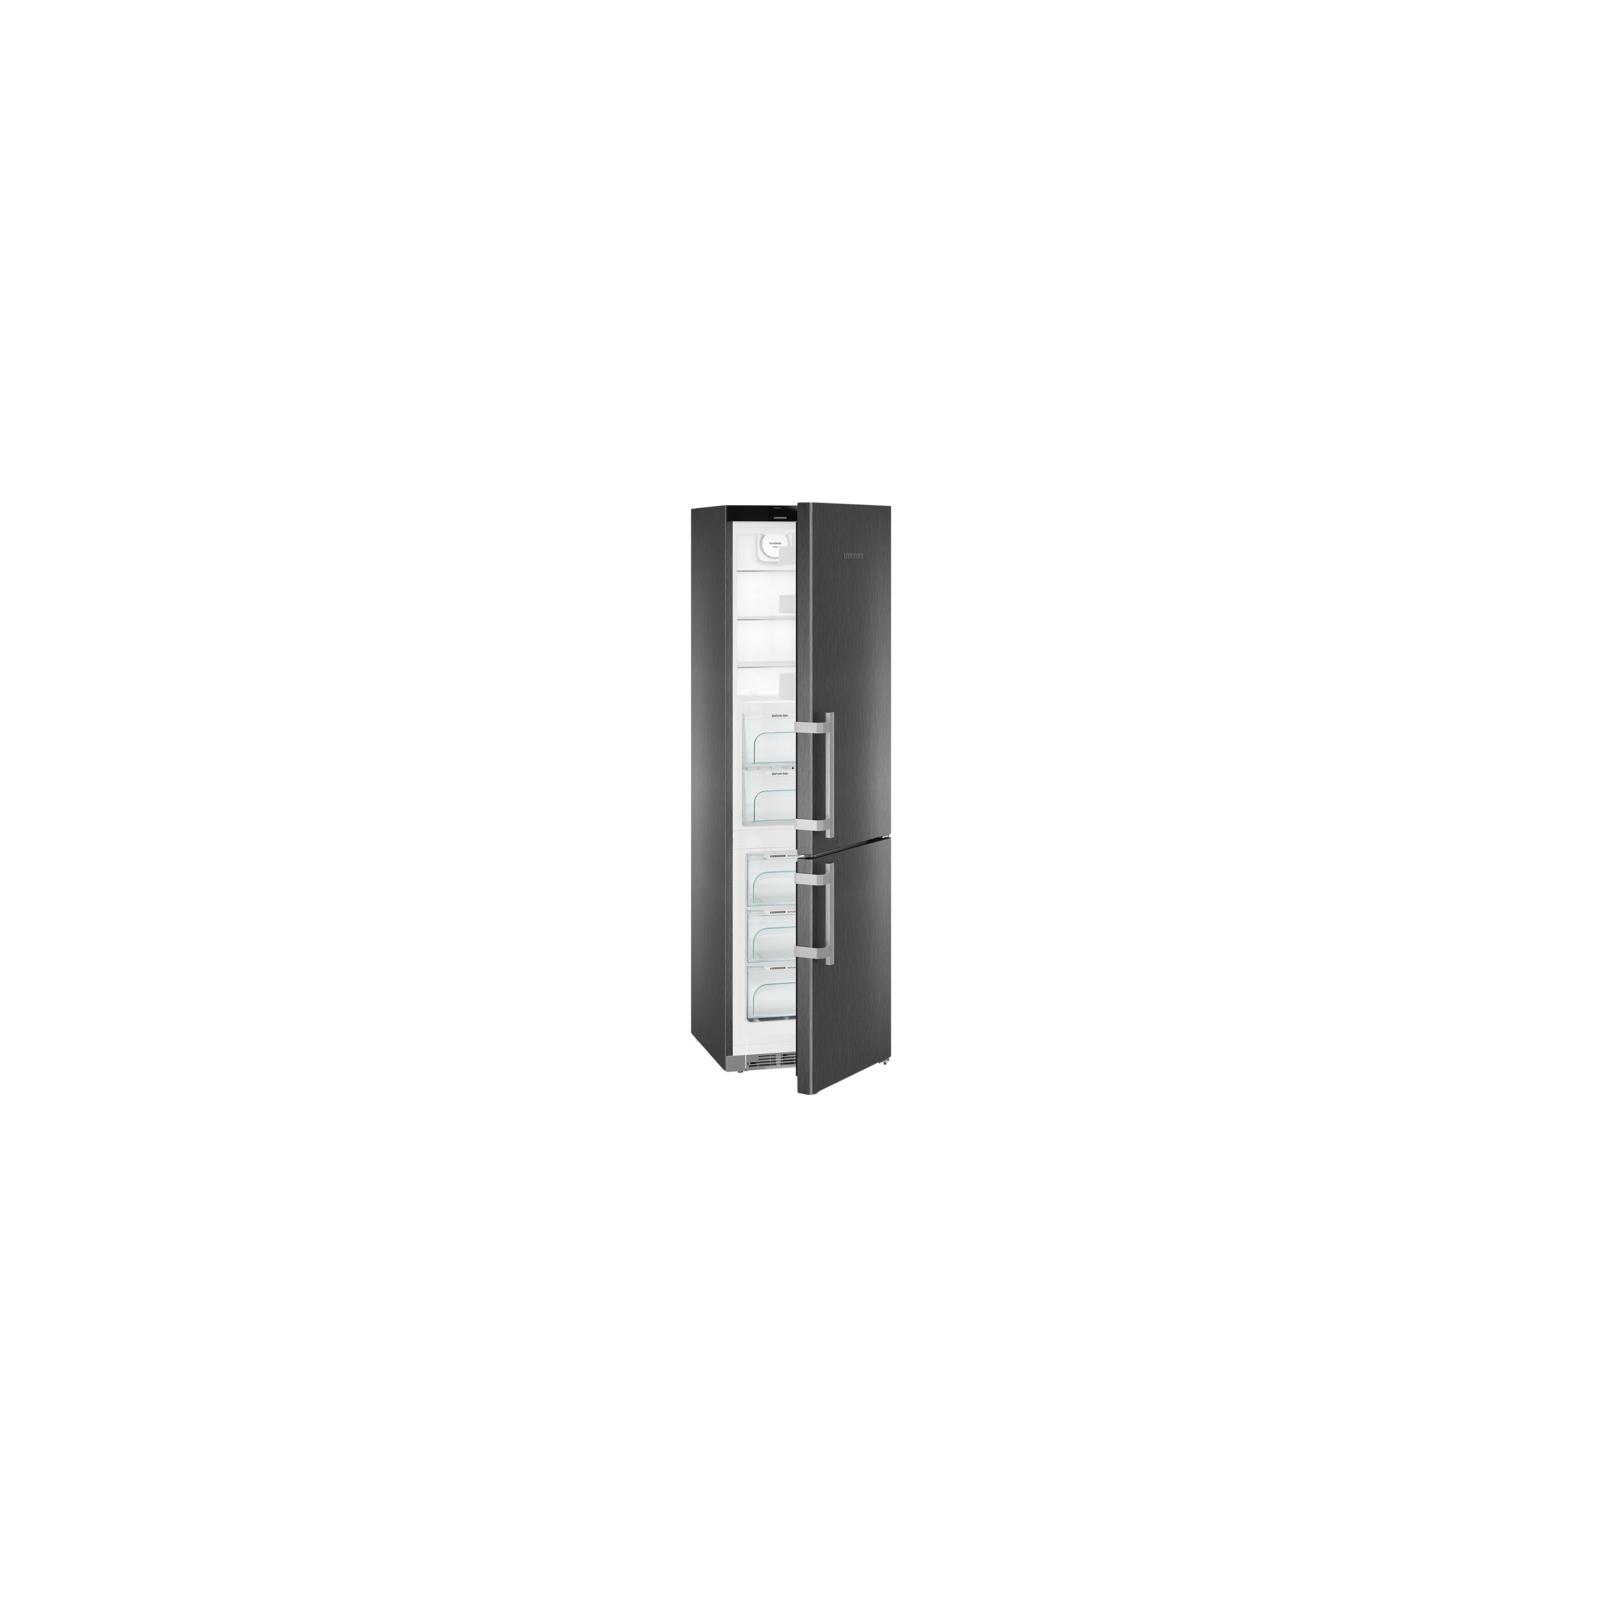 Холодильник Liebherr CBNbs 4815 изображение 2